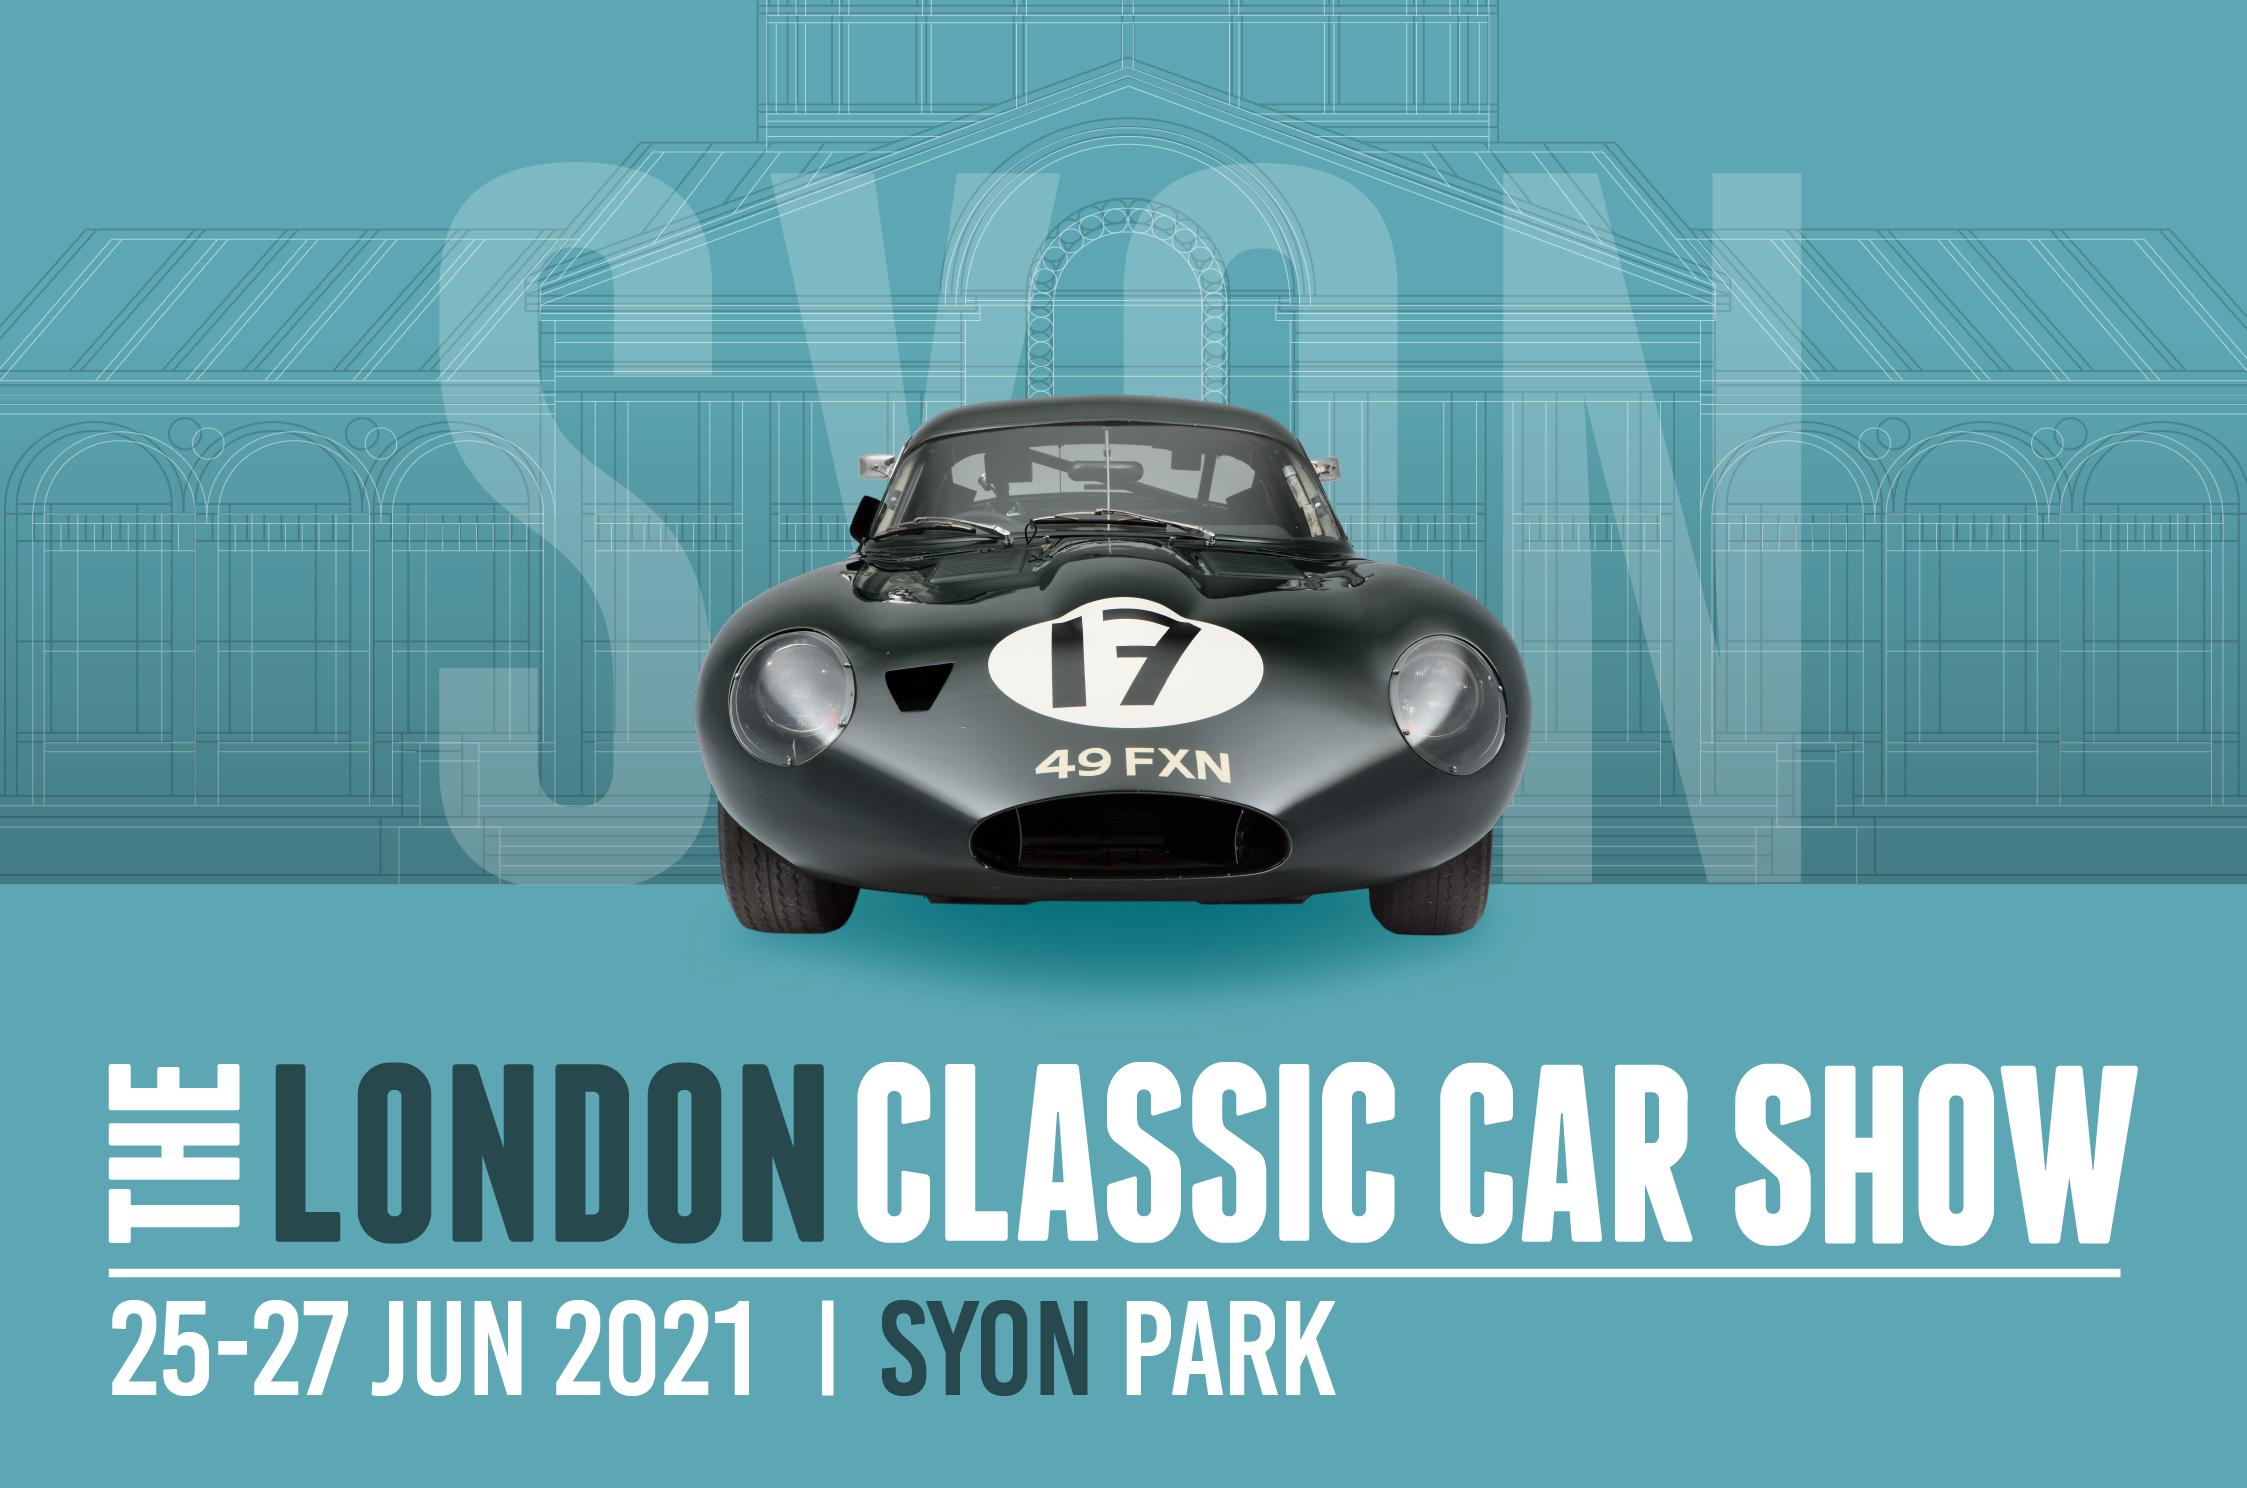 Car Show in London